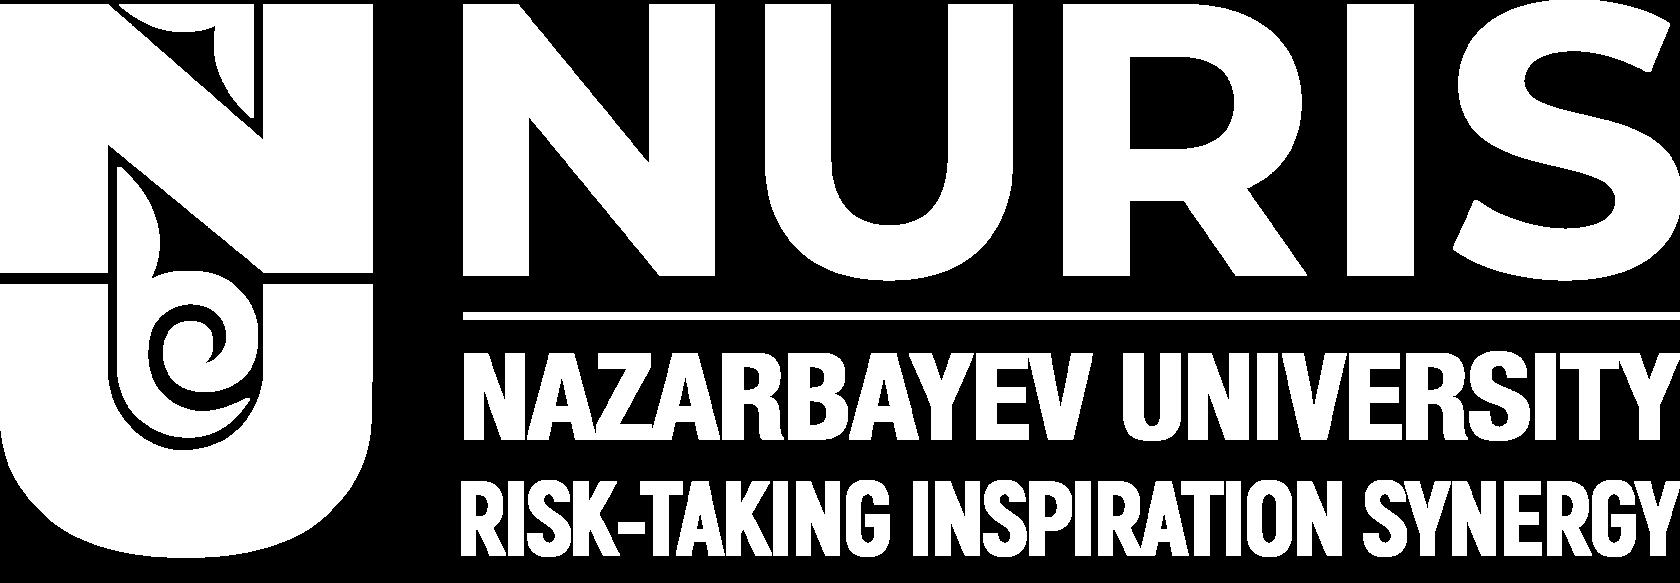 Nazarbayev University Risk-taking Inspiration Synergy